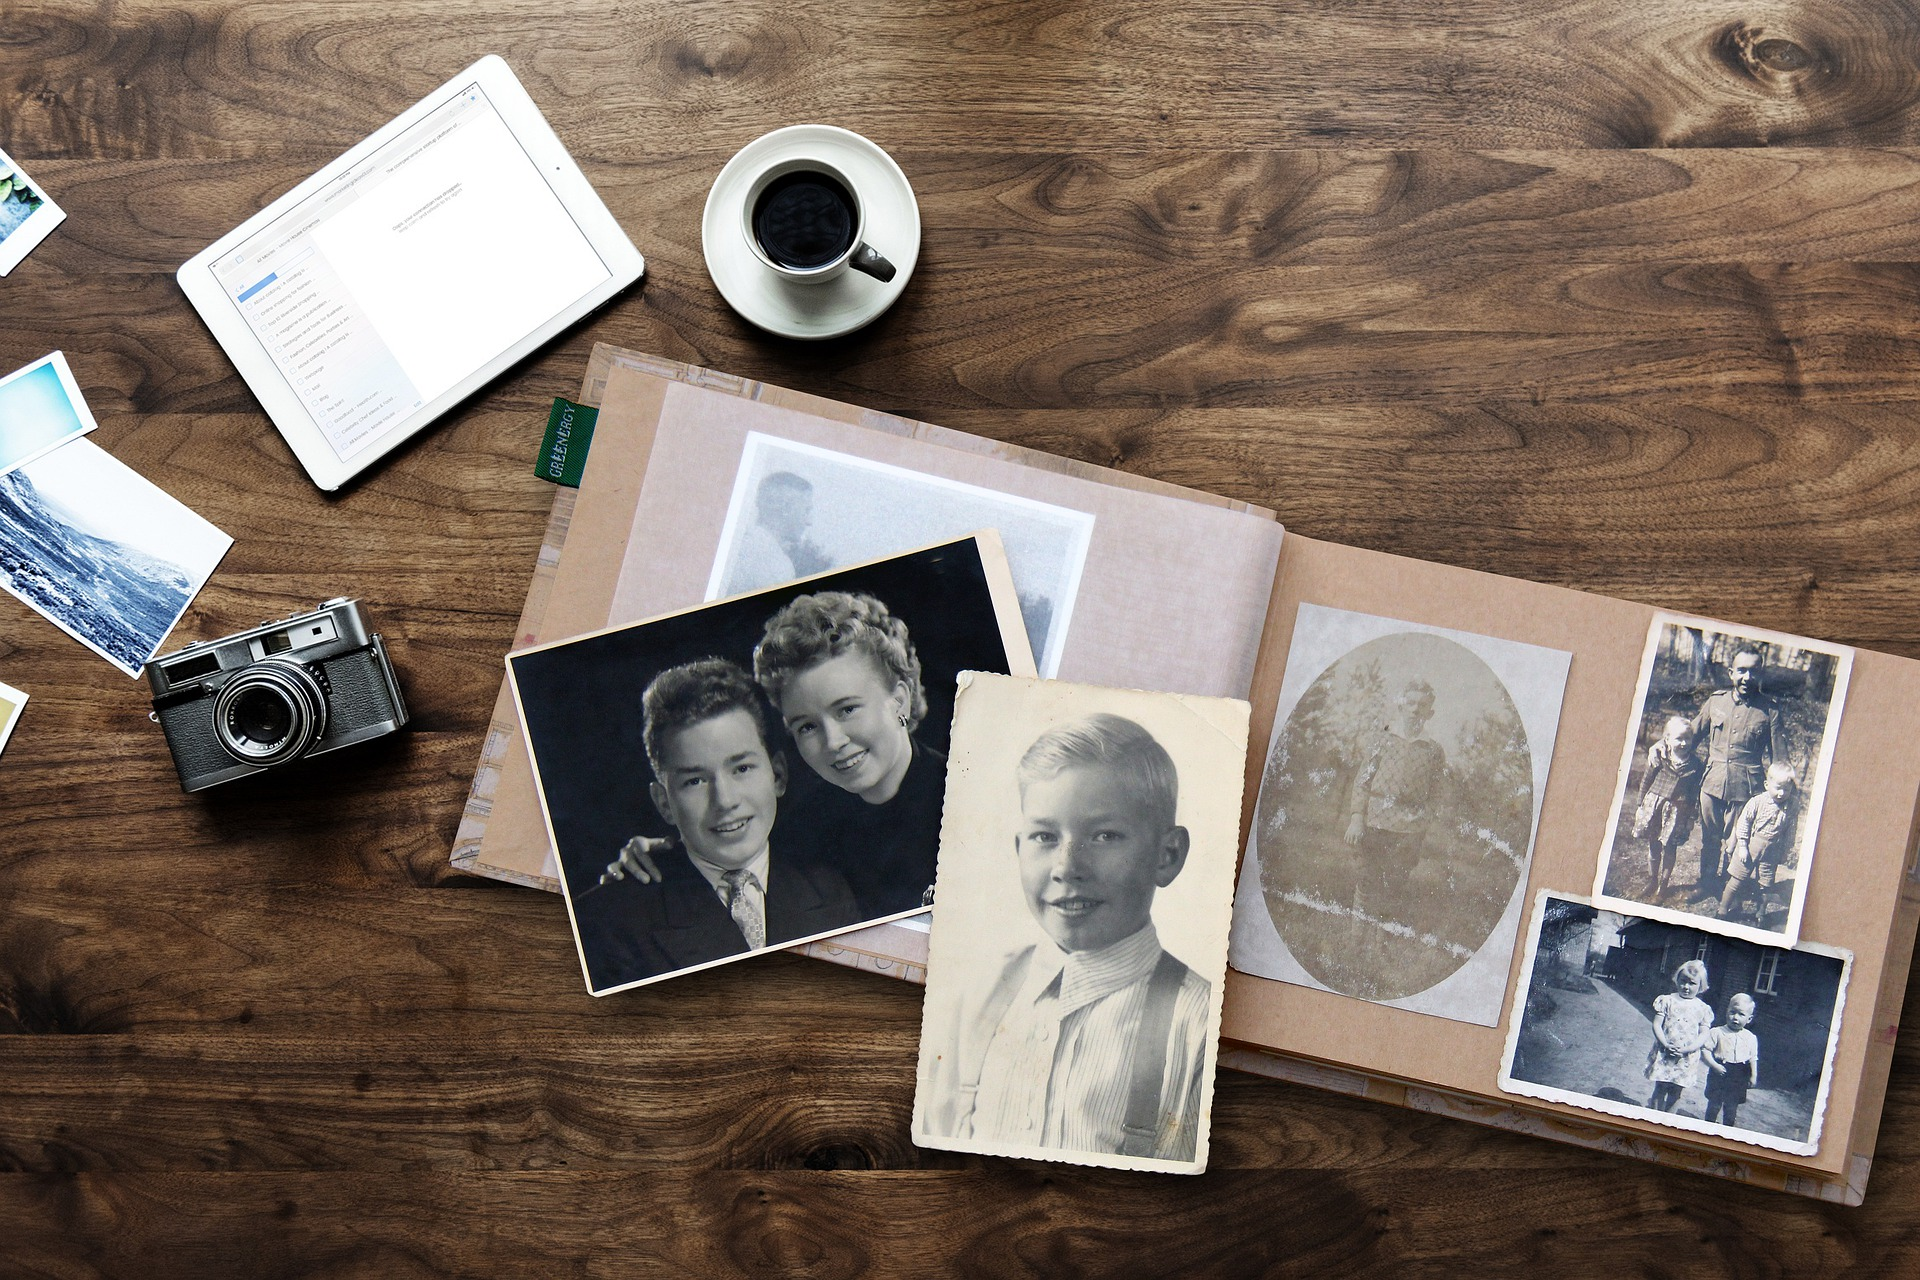 ¿Pensando en crear tu propio álbum de fotos?